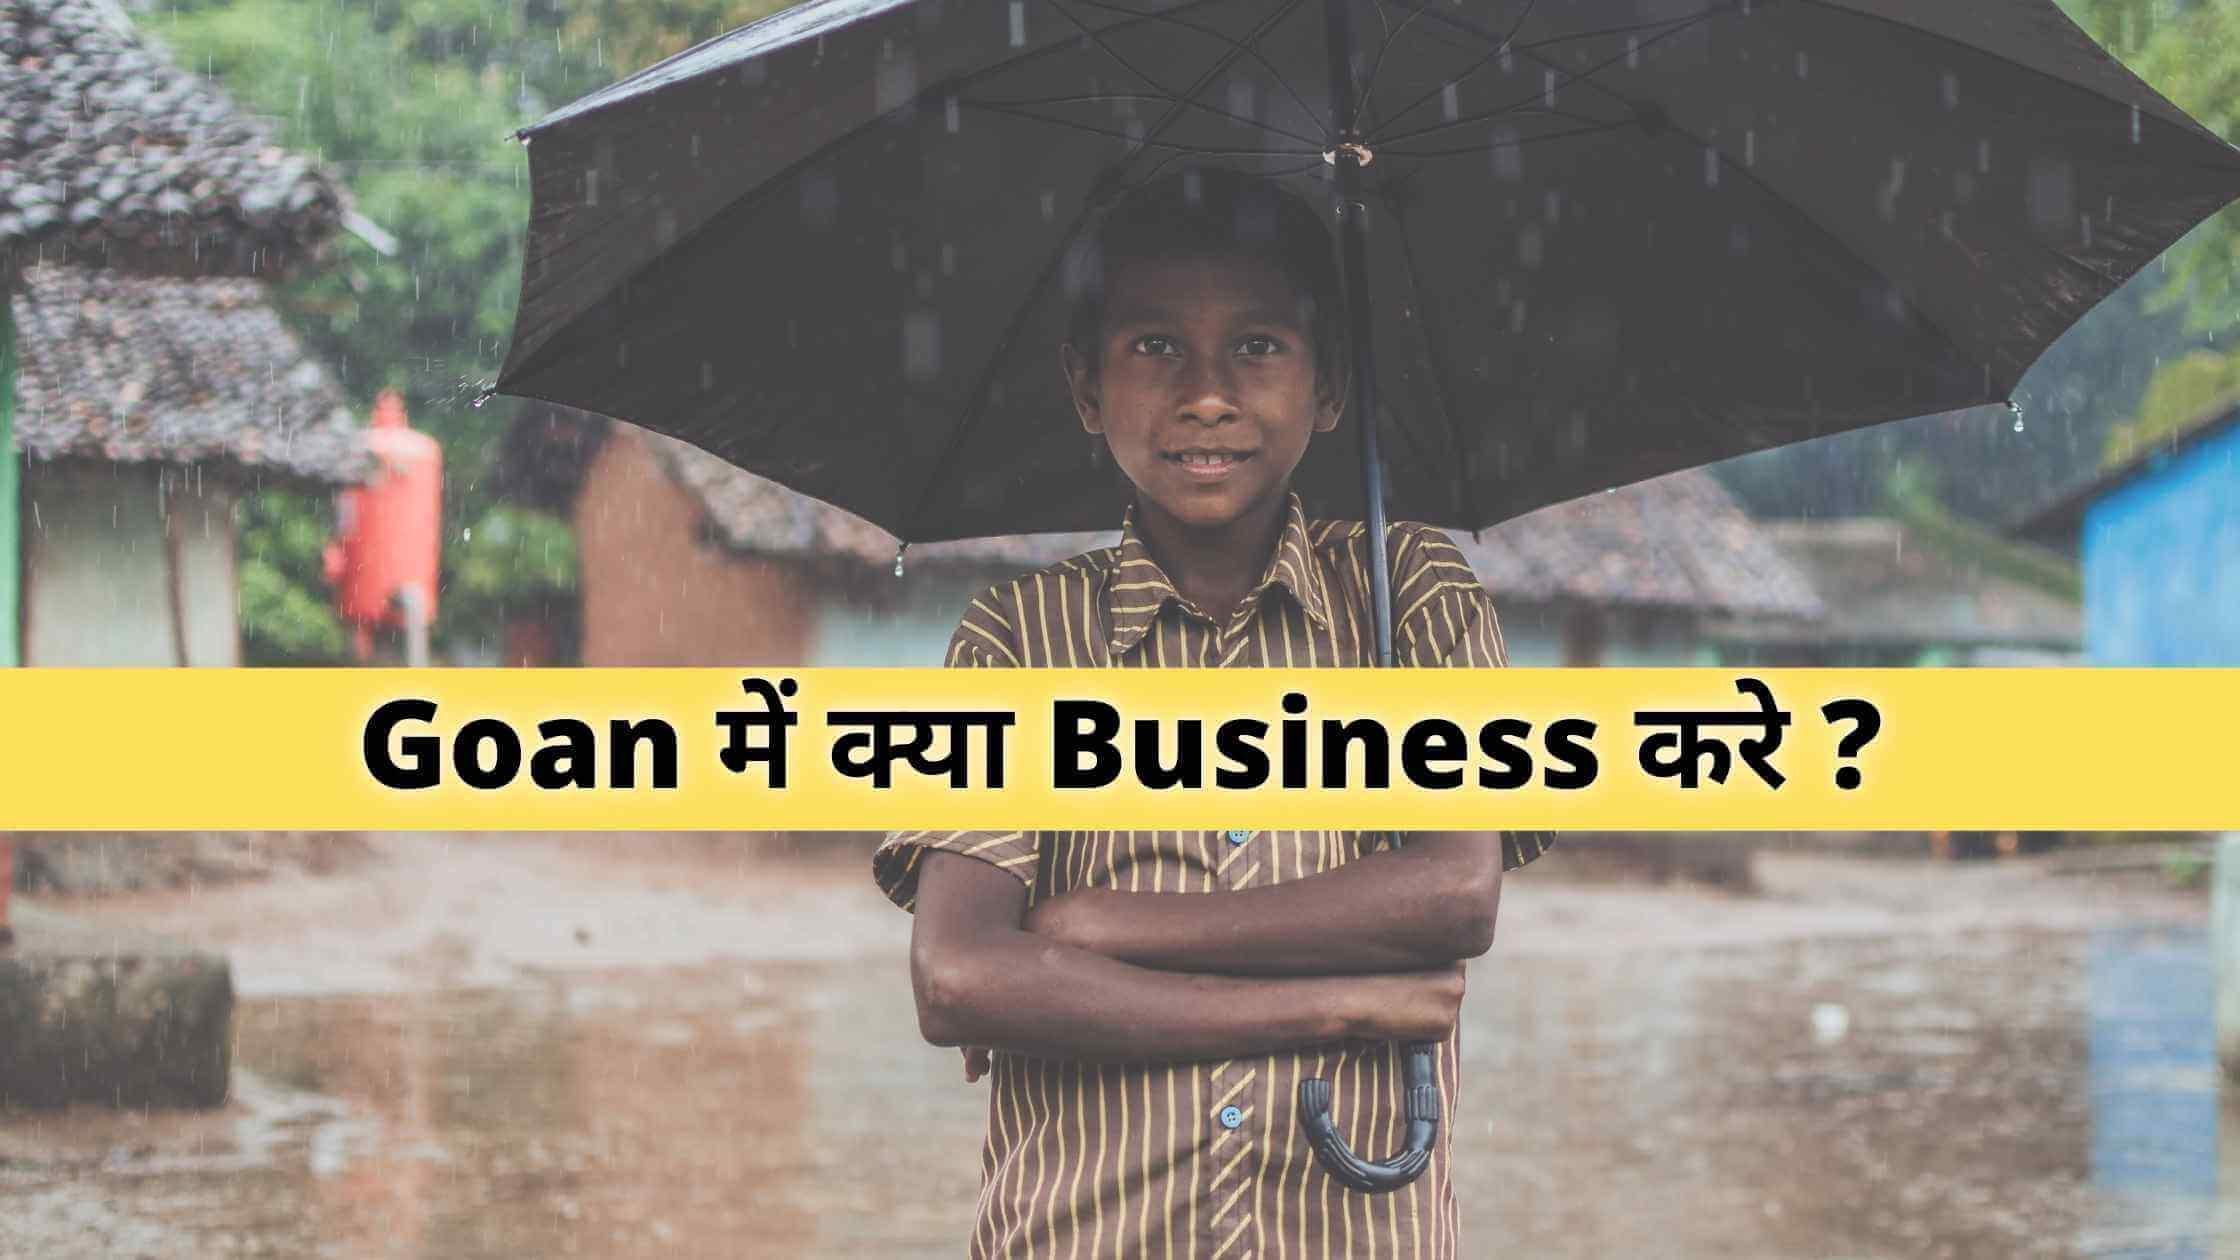 gaon me kya business kare जानिए हिंदी में अगर आपको अपने दम में कुछ करना है तो